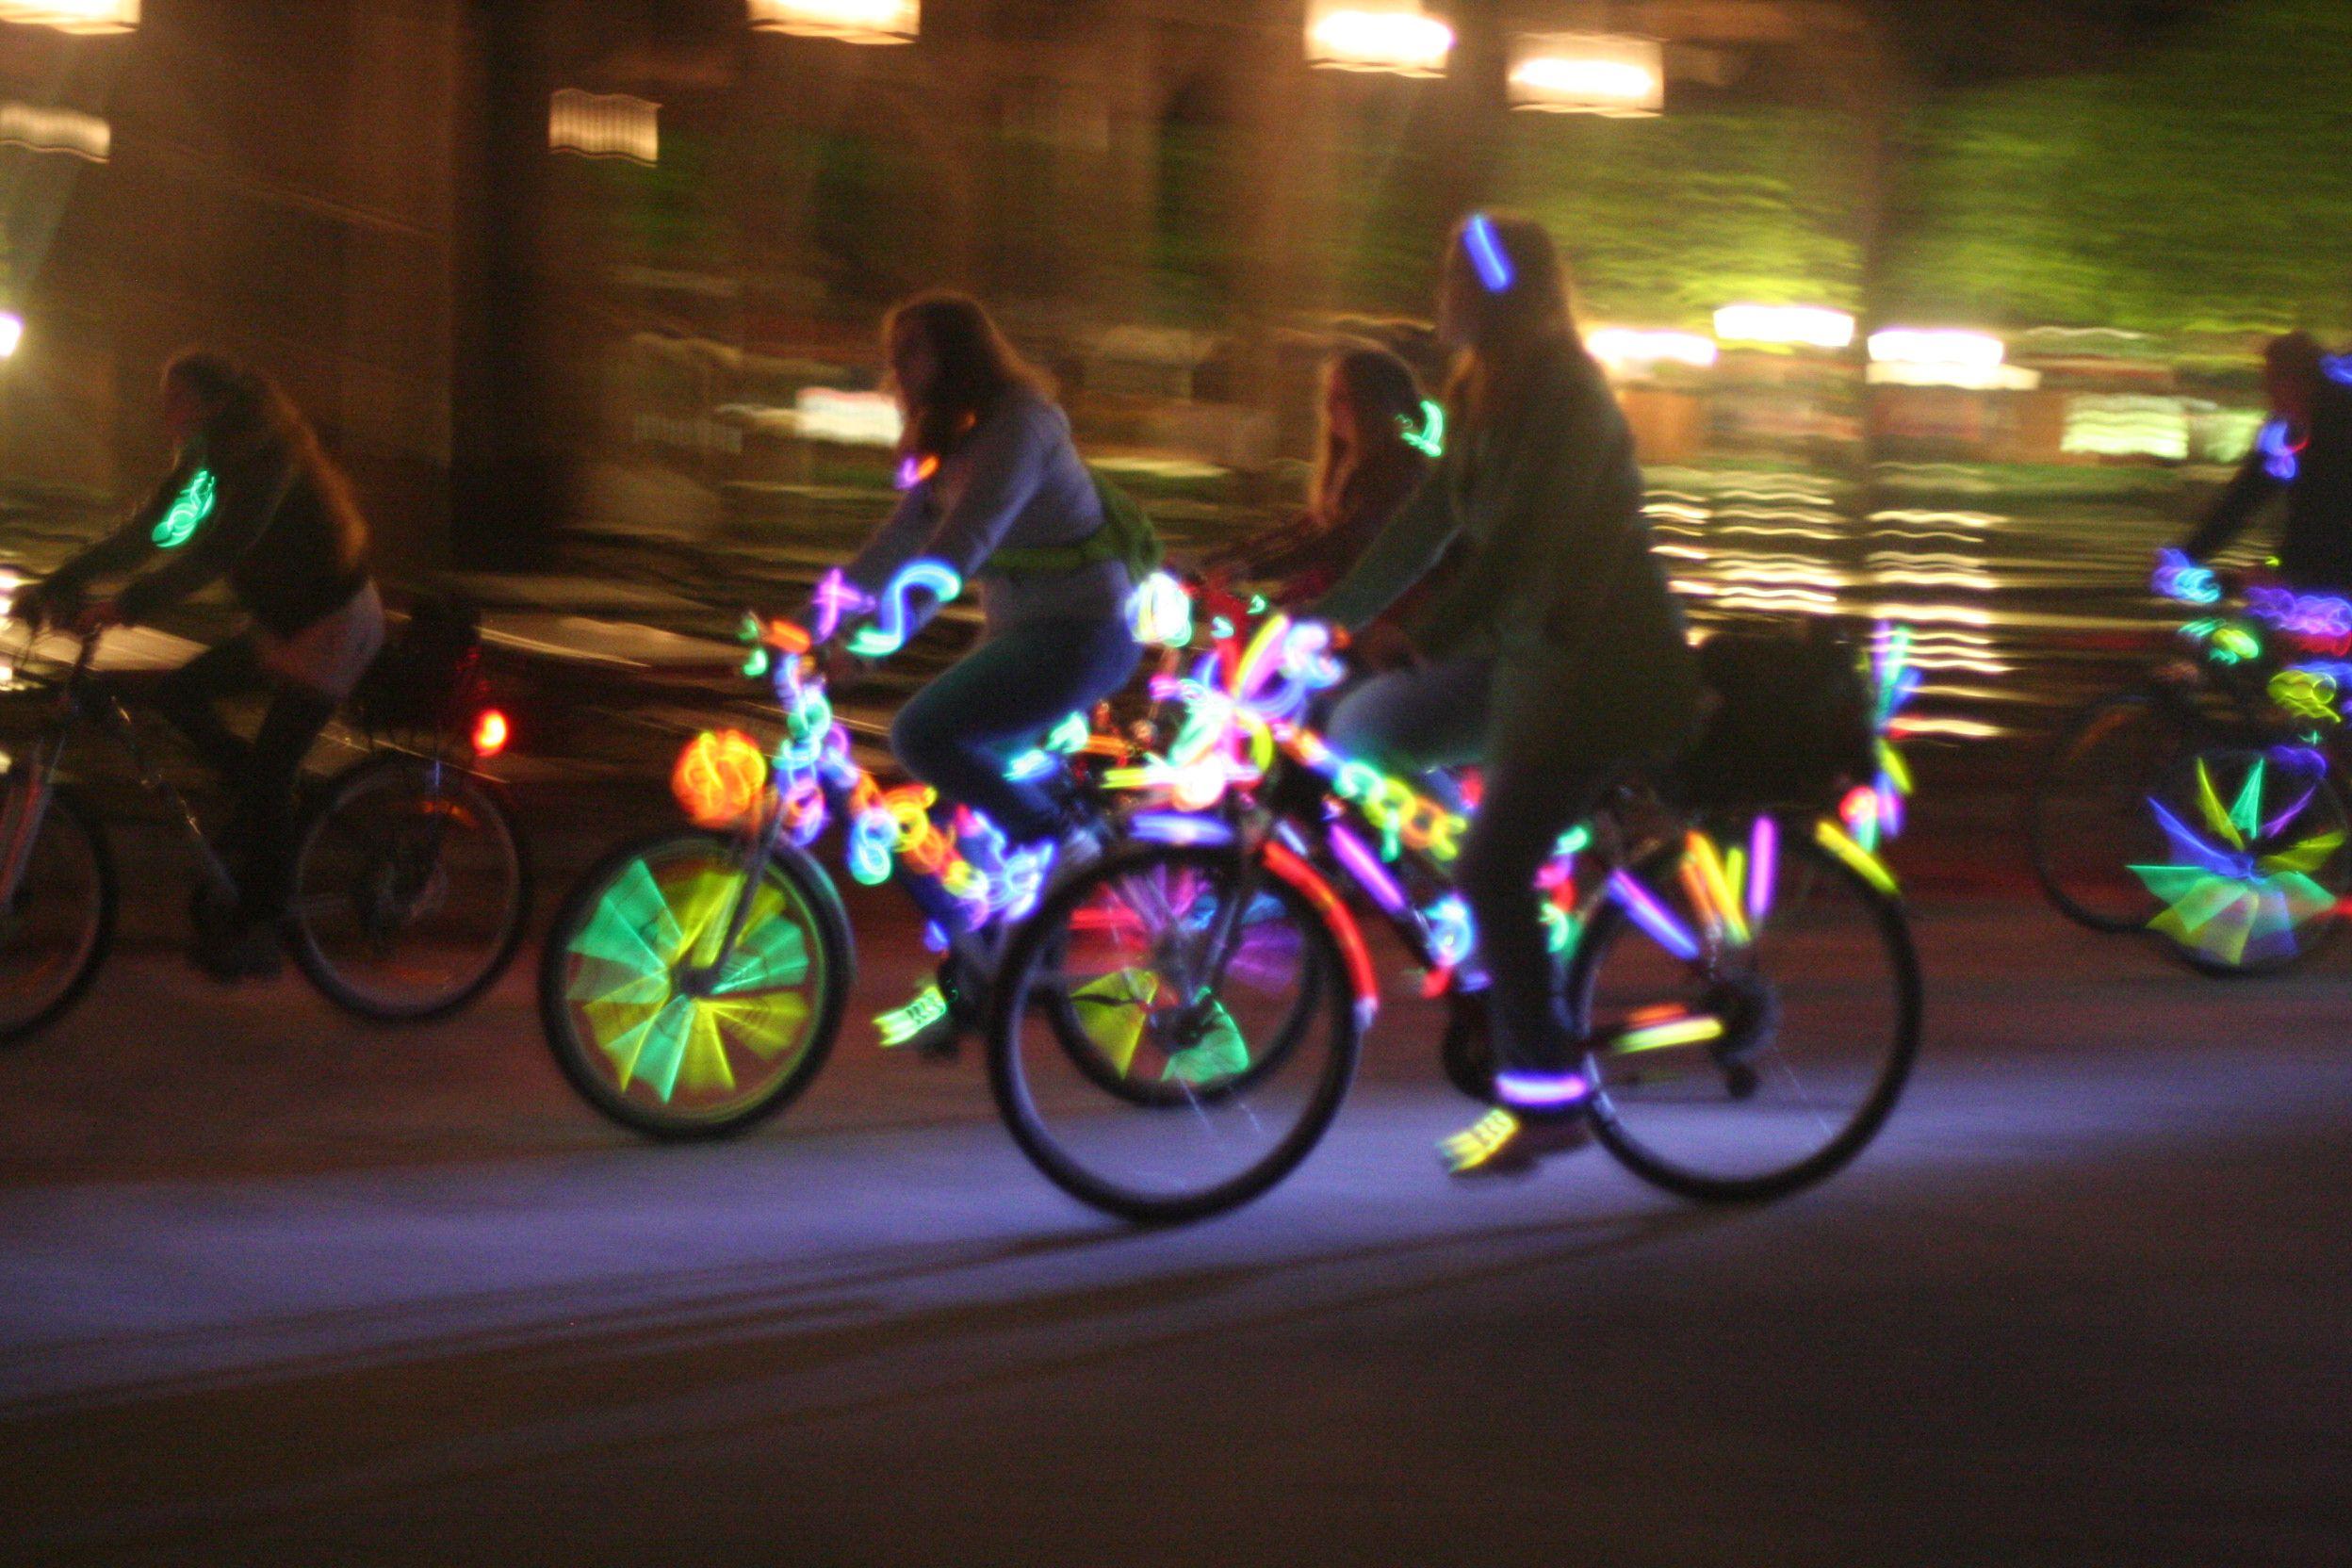 Die Uralte Tradition Des Munchner Leuchtradln Erlebt Eine Neue Leuchtblutezeit Dank Spontacts Bayern Munchen Leuch Leuchten Englischer Garten Radeln